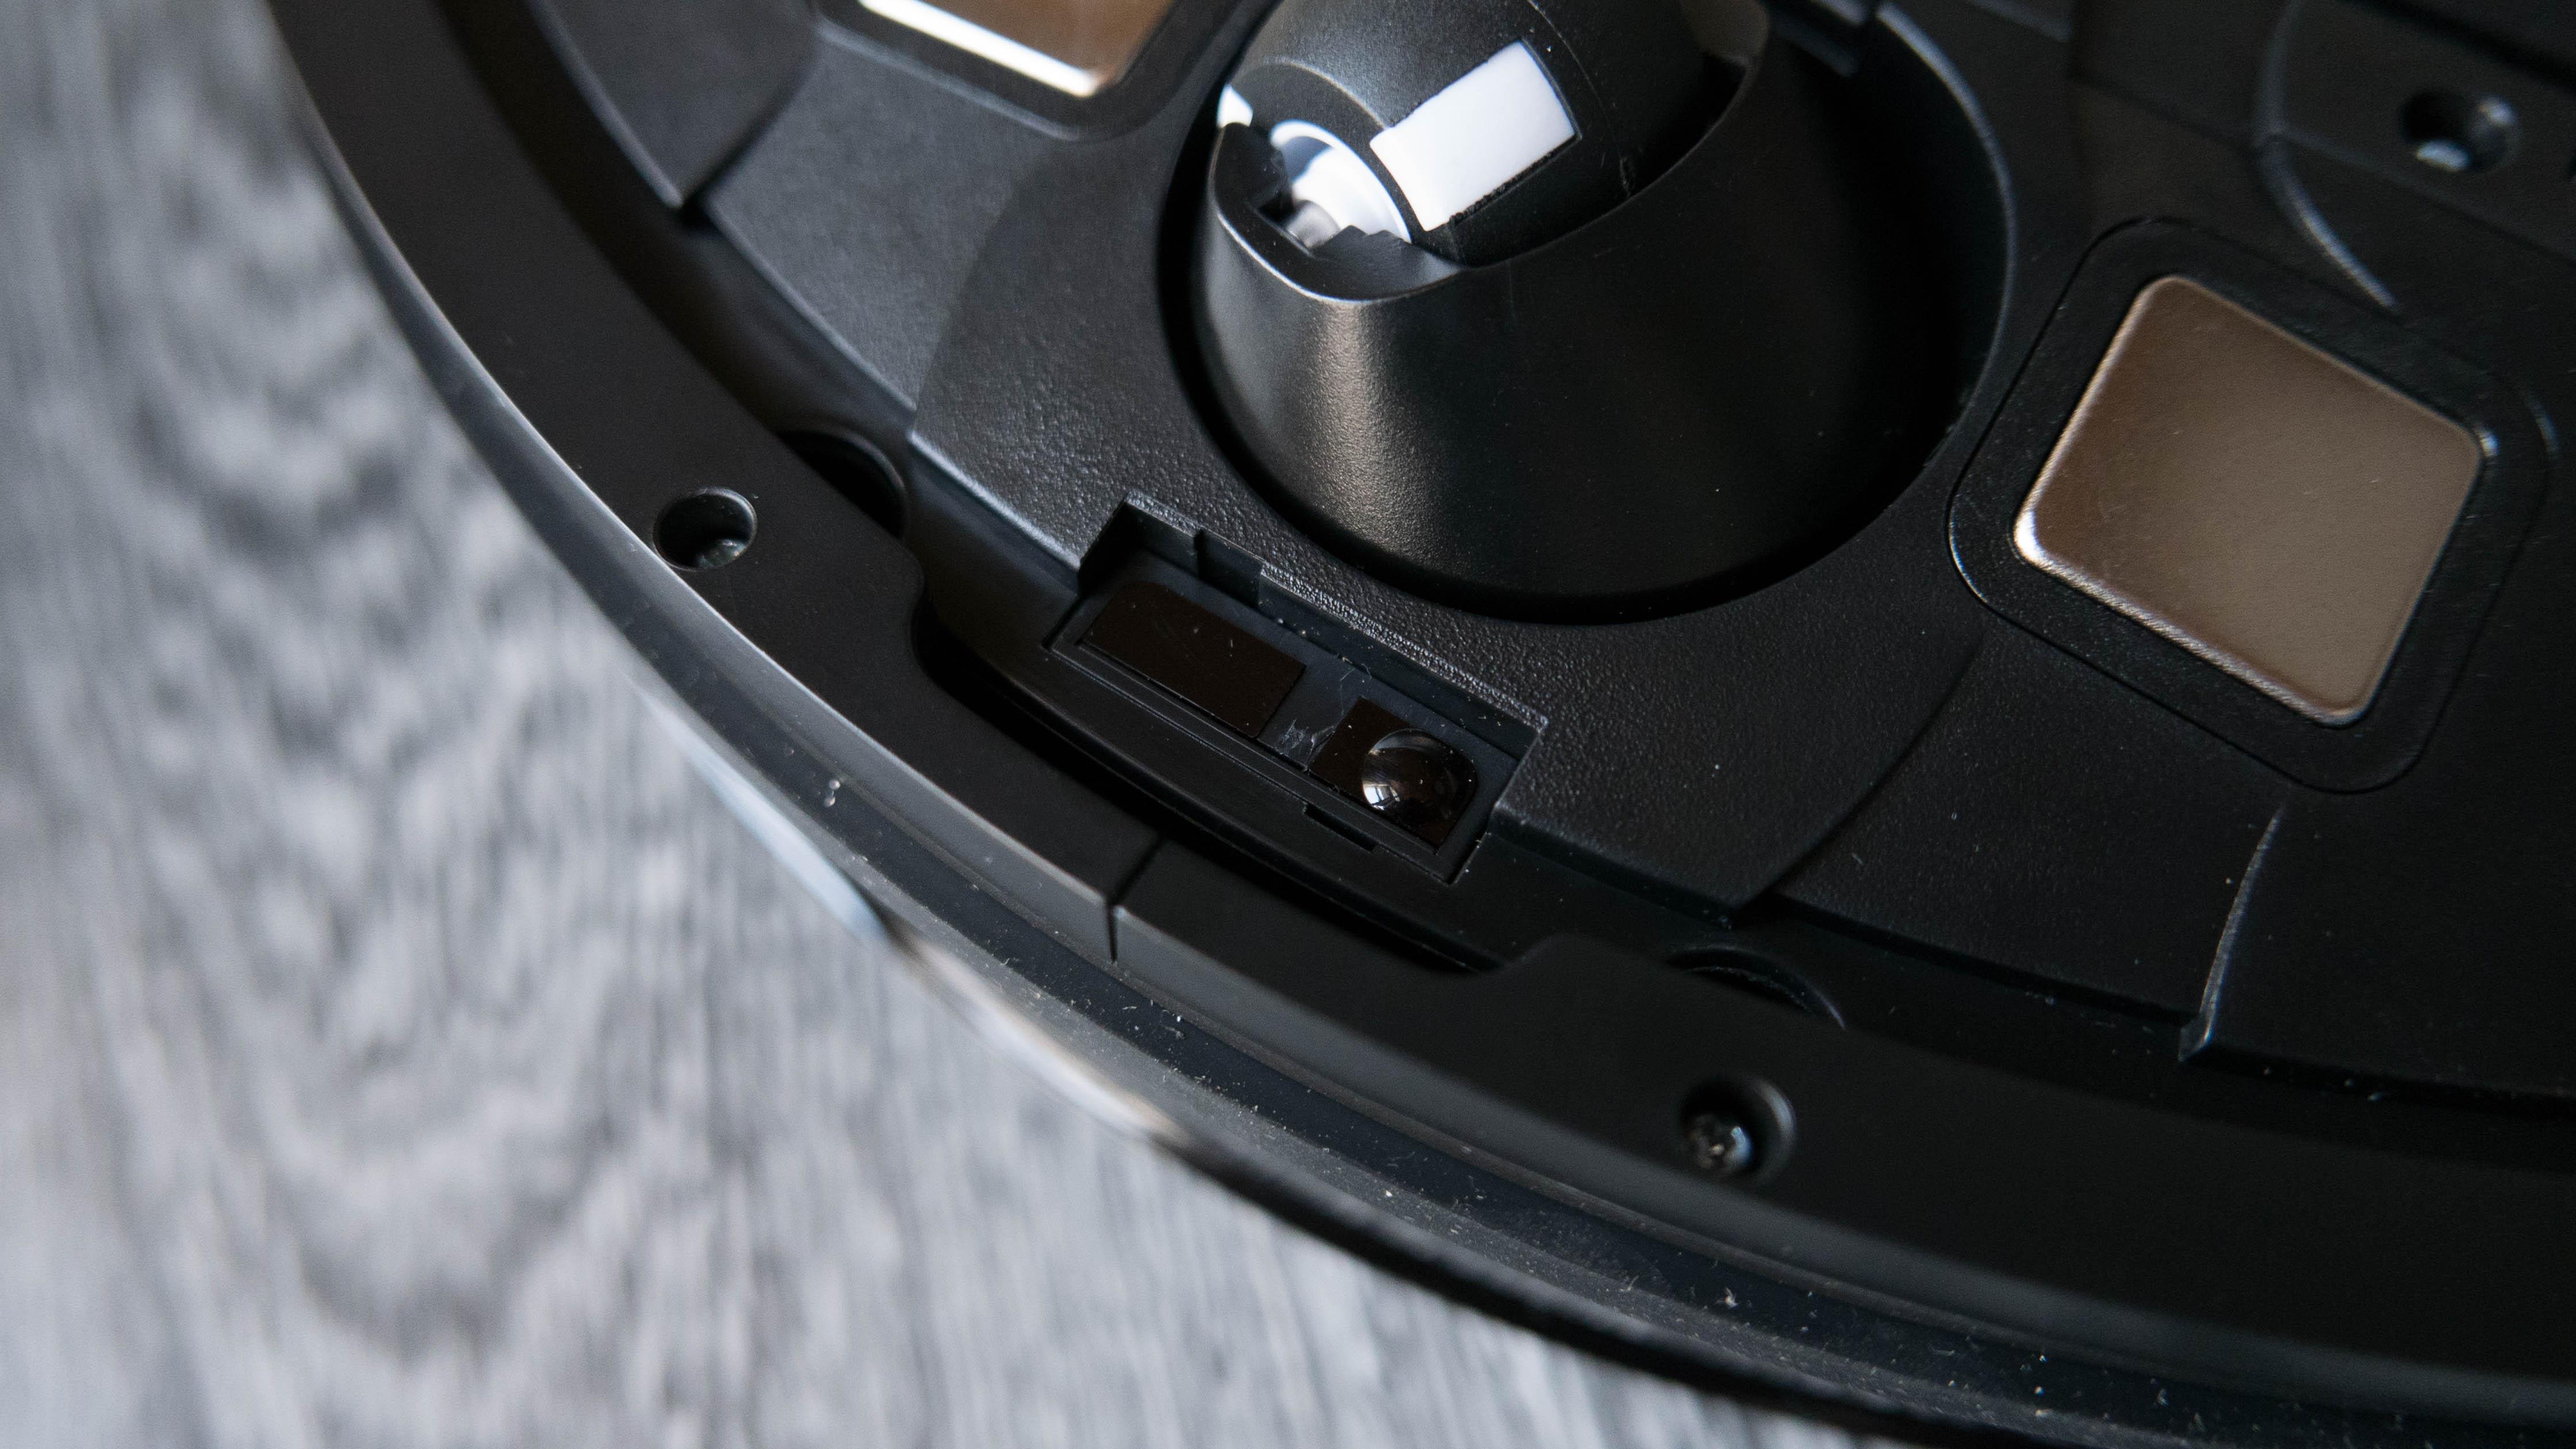 ILIFE V80 Details 21